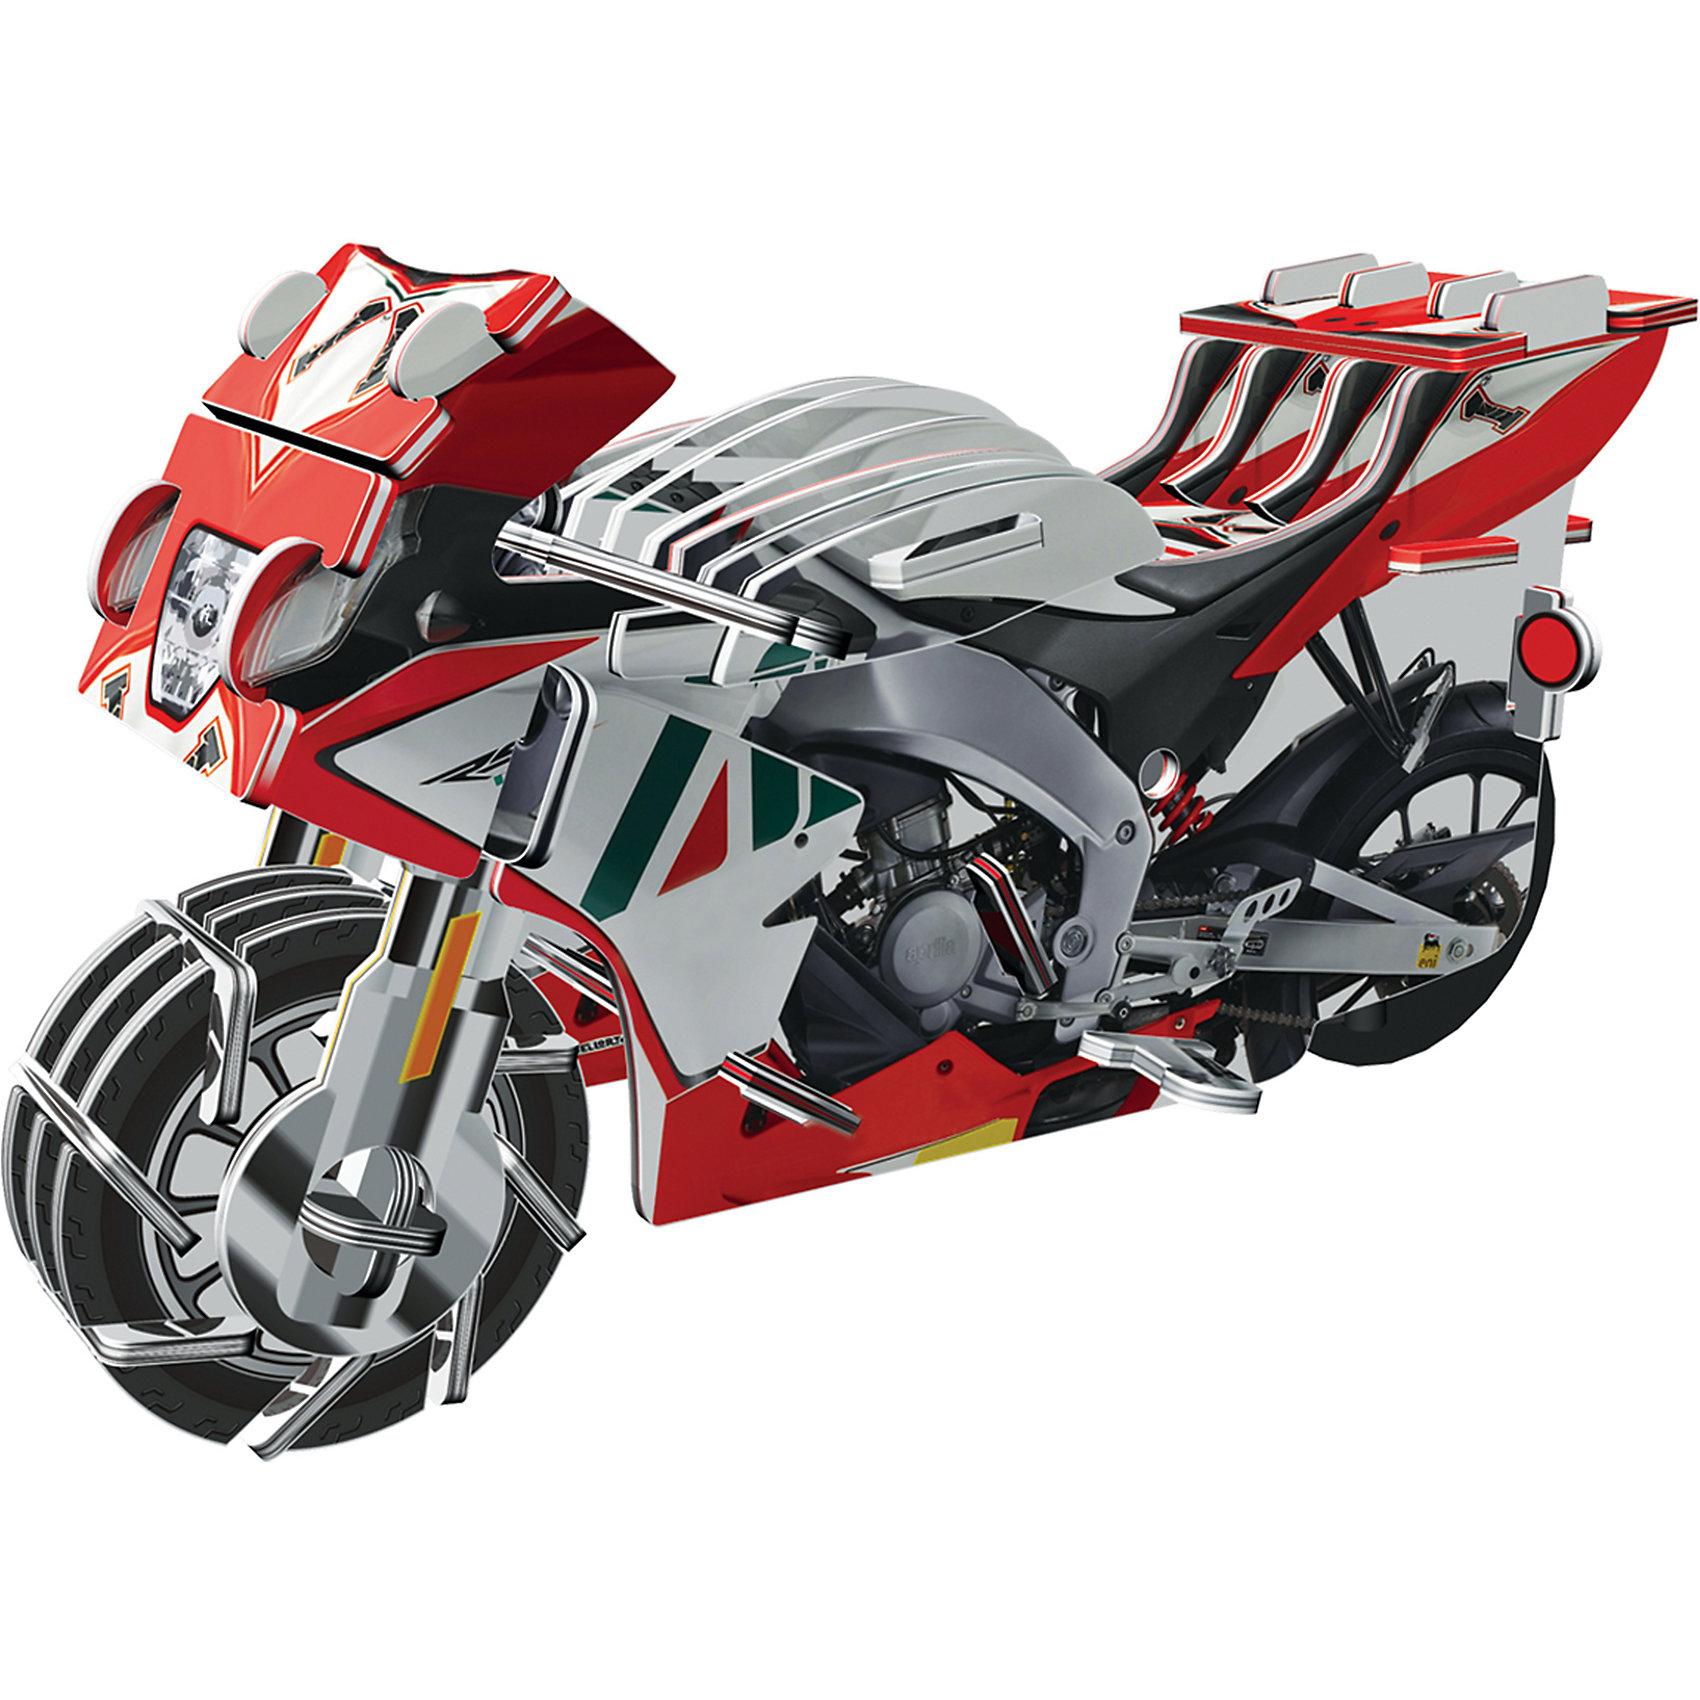 3D Пазл Мотоцикл RGV-250 инерционный, 39 деталей3D пазлы<br><br><br>Ширина мм: 160<br>Глубина мм: 35<br>Высота мм: 110<br>Вес г: 104<br>Возраст от месяцев: 60<br>Возраст до месяцев: 120<br>Пол: Унисекс<br>Возраст: Детский<br>SKU: 4800762